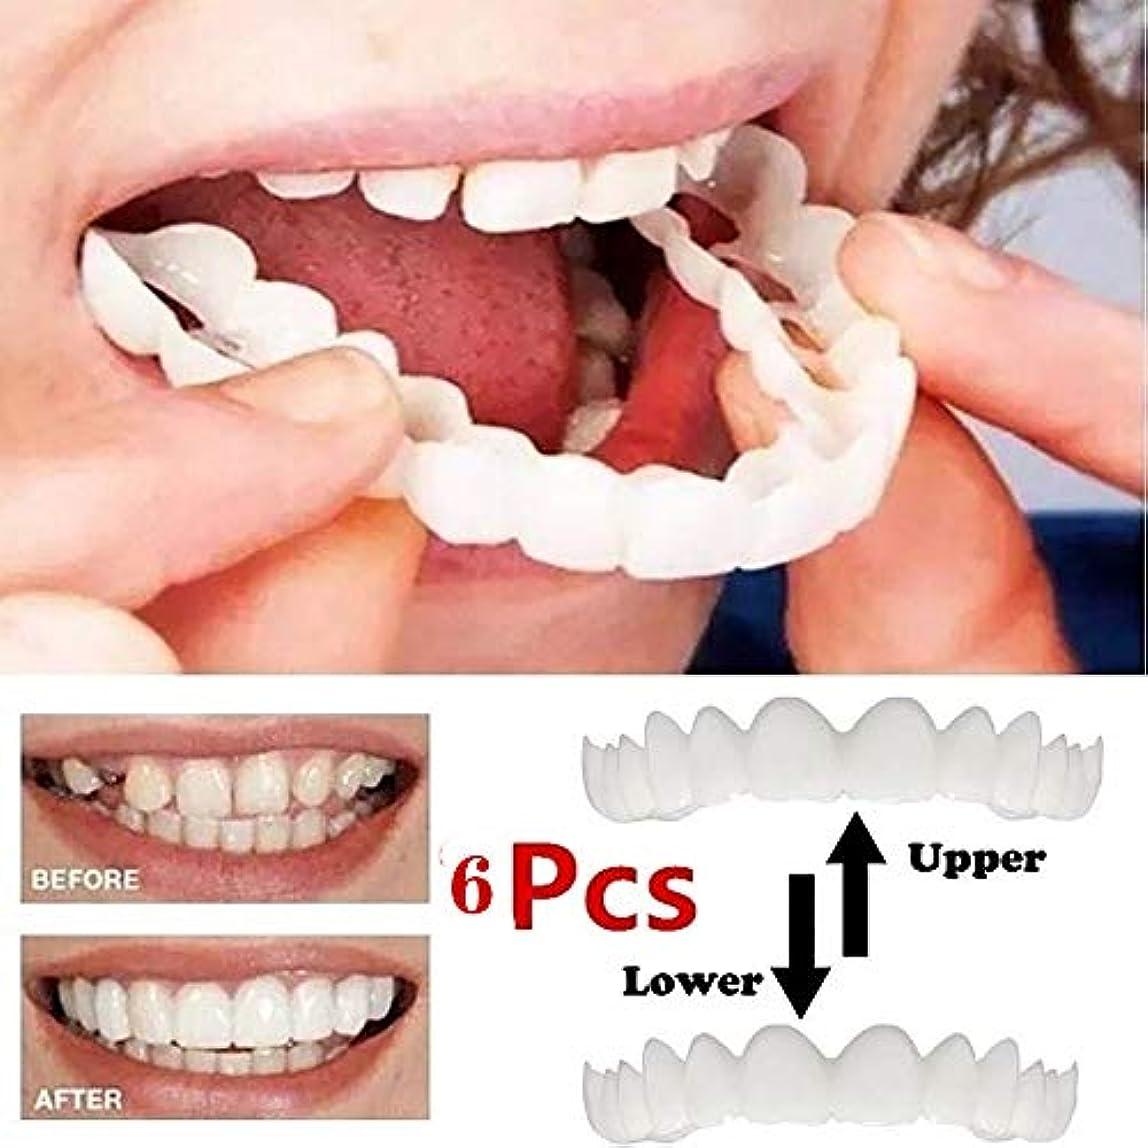 最新の突き板の歯、化粧品の歯3ペア - 一時的な笑顔の快適さフィットフレックス化粧品の歯、ワンサイズが最もフィット、快適なトップとボトムベニア - 歯突き板(ボトム+トップ)